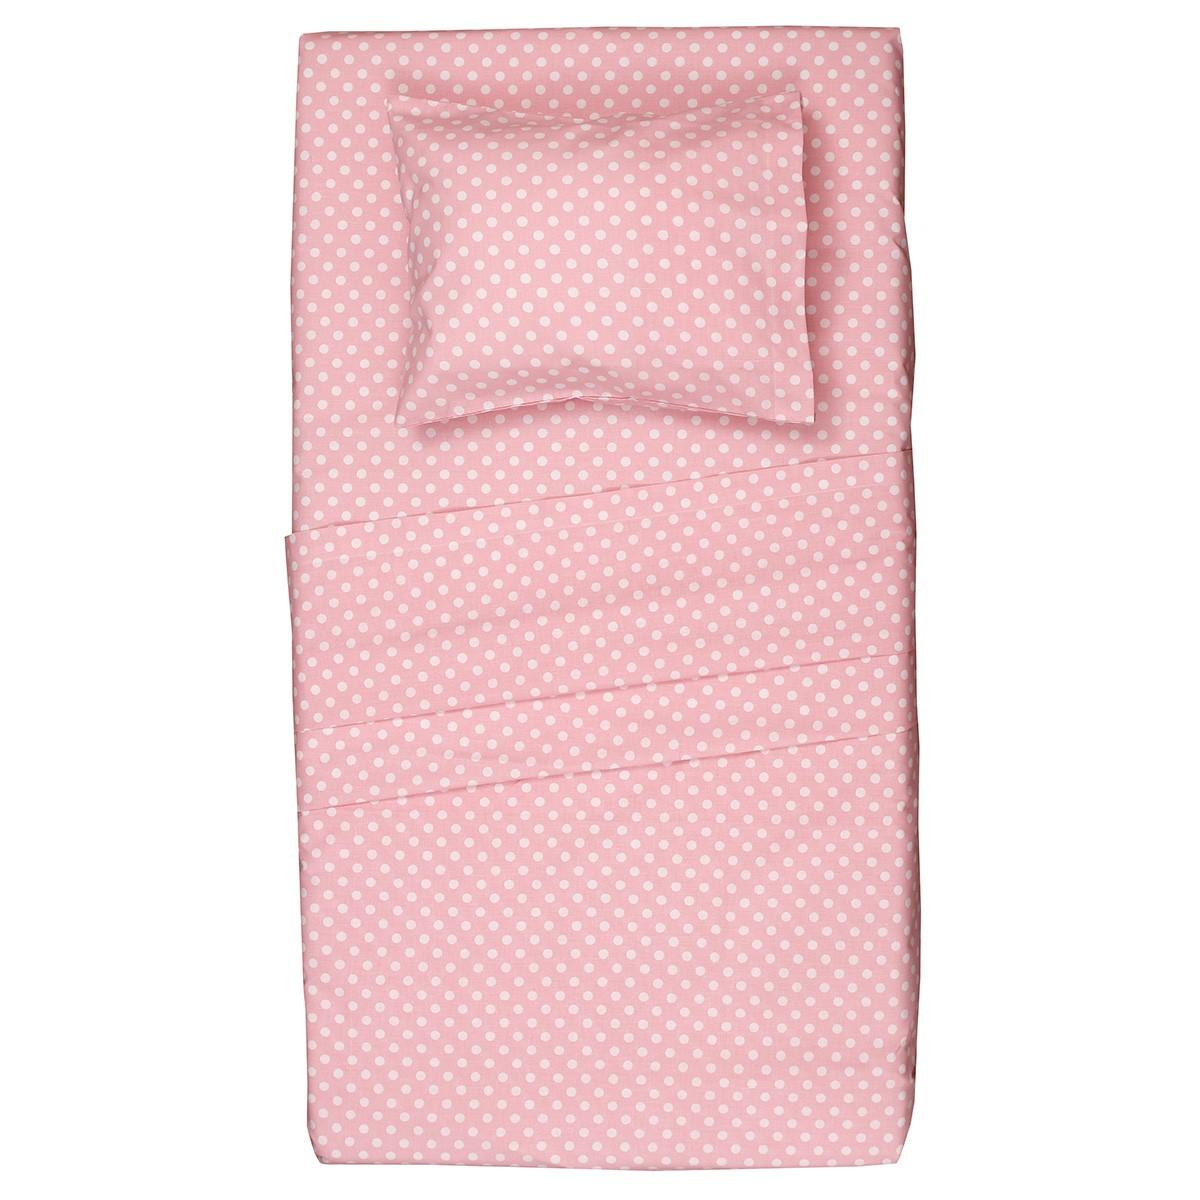 Πάπλωμα Μονό (Σετ) Viopros Kid Κονφετί Ροζ